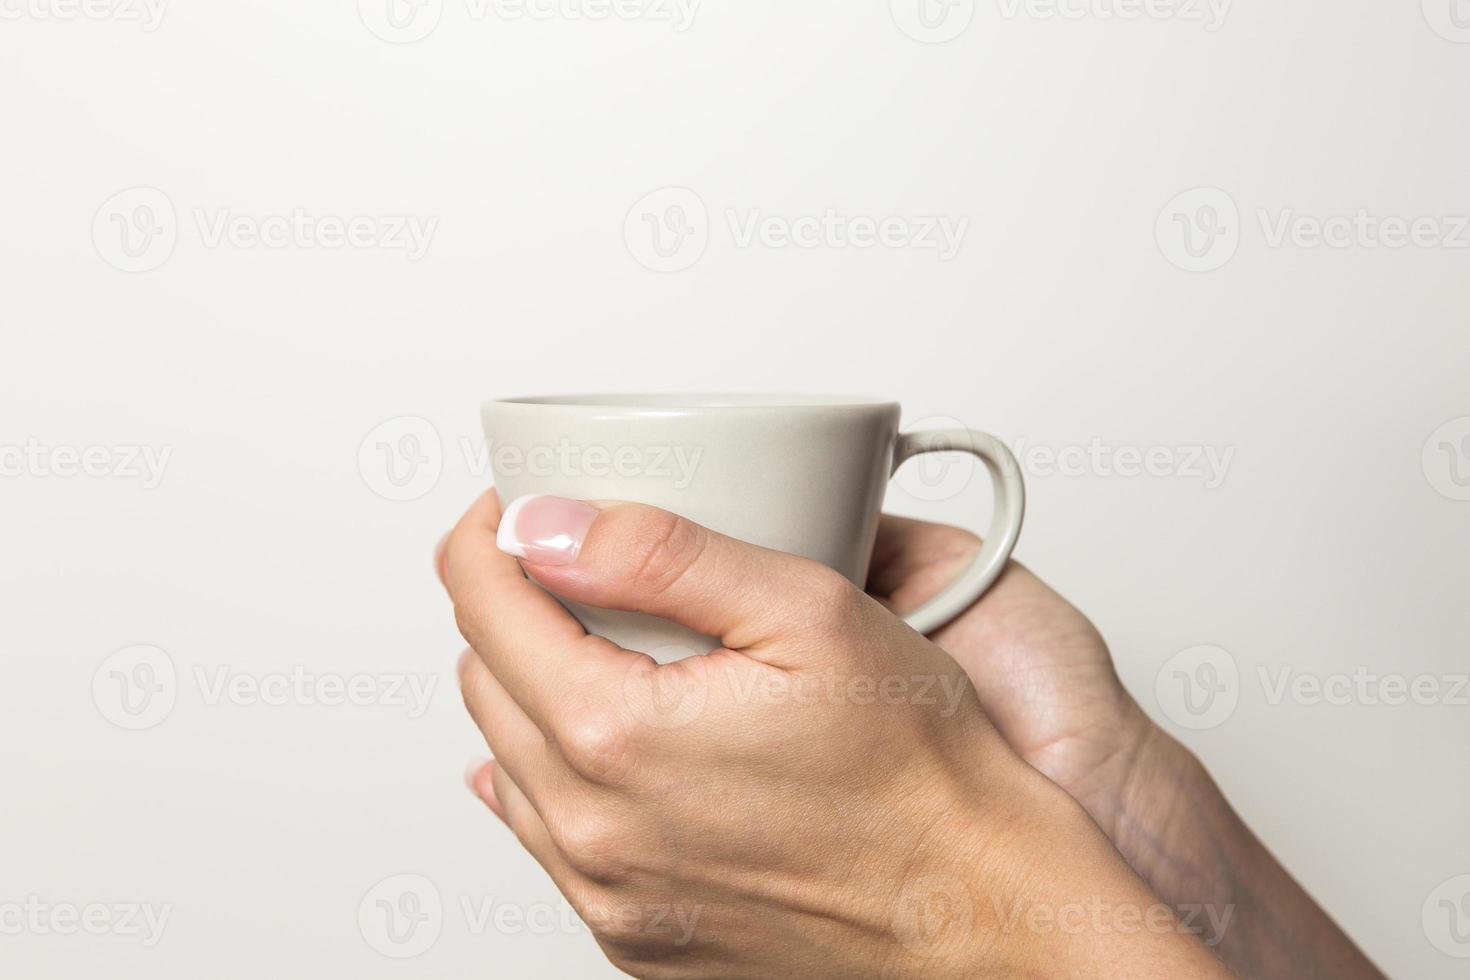 gesto de la mano de mujer - 7 foto